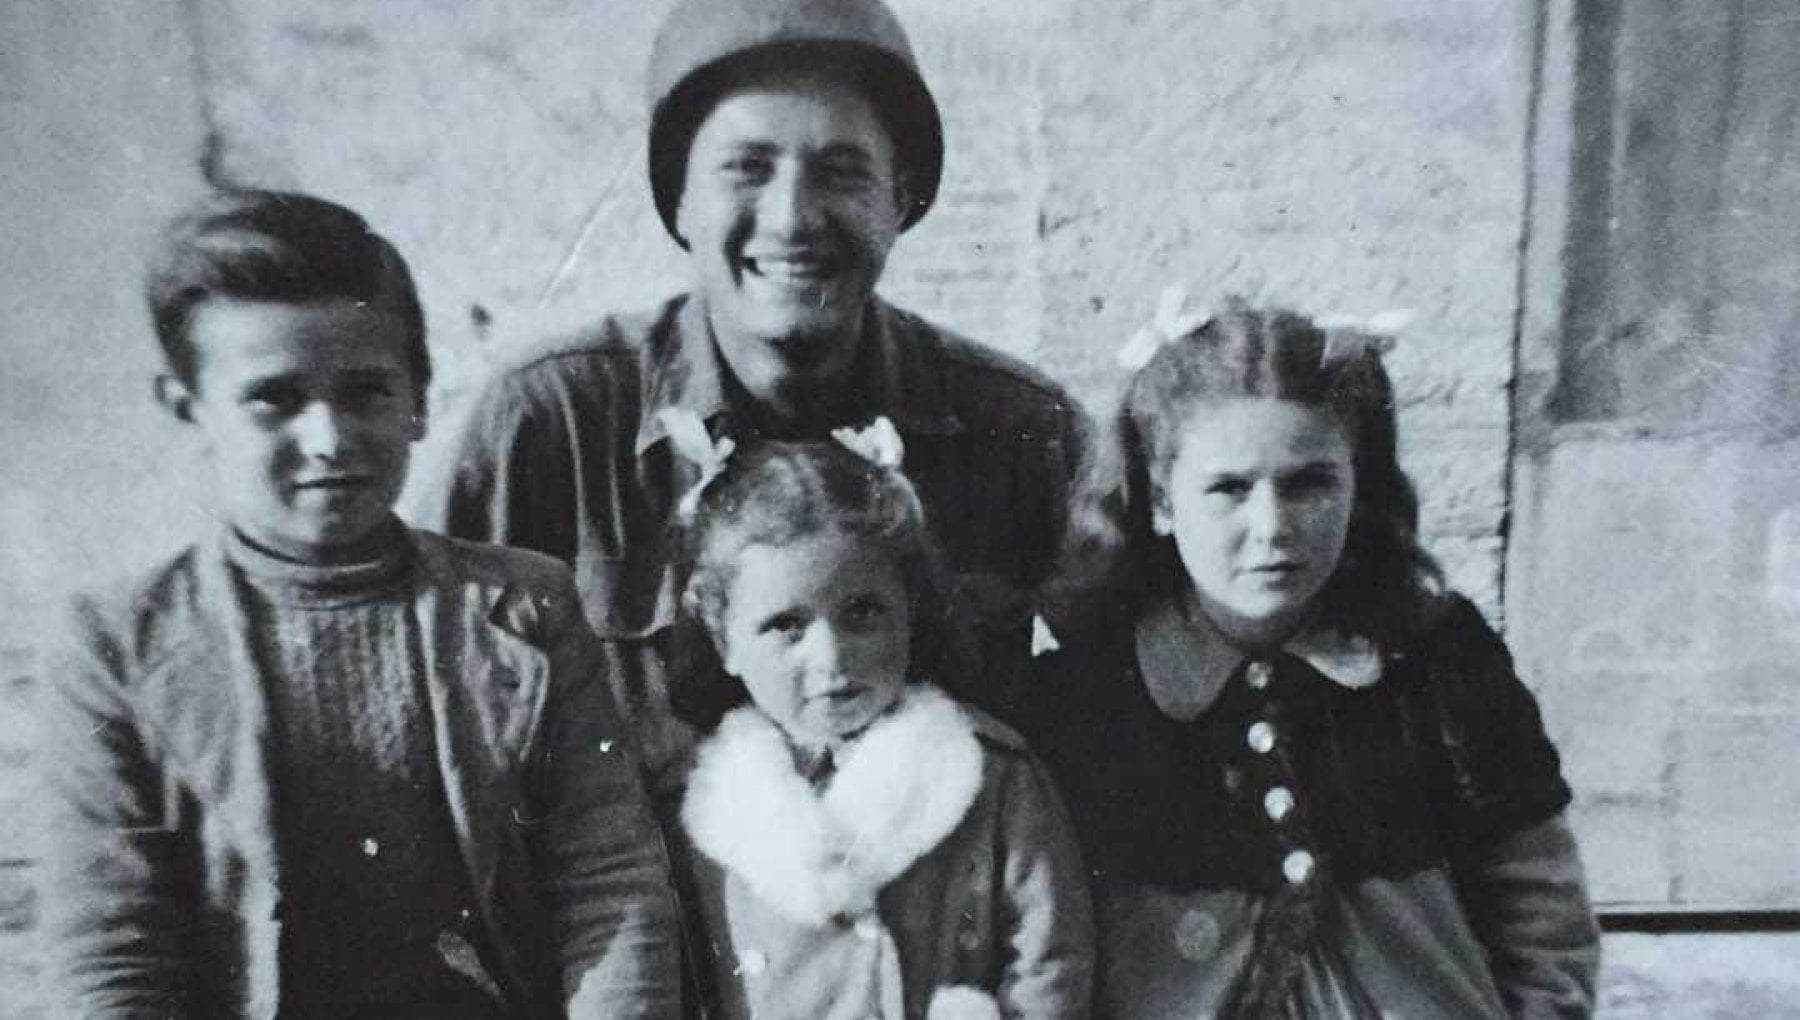 La nuova missione del soldato Martin Adler Ritrovare quei tre bimbi abbracciati nel 44